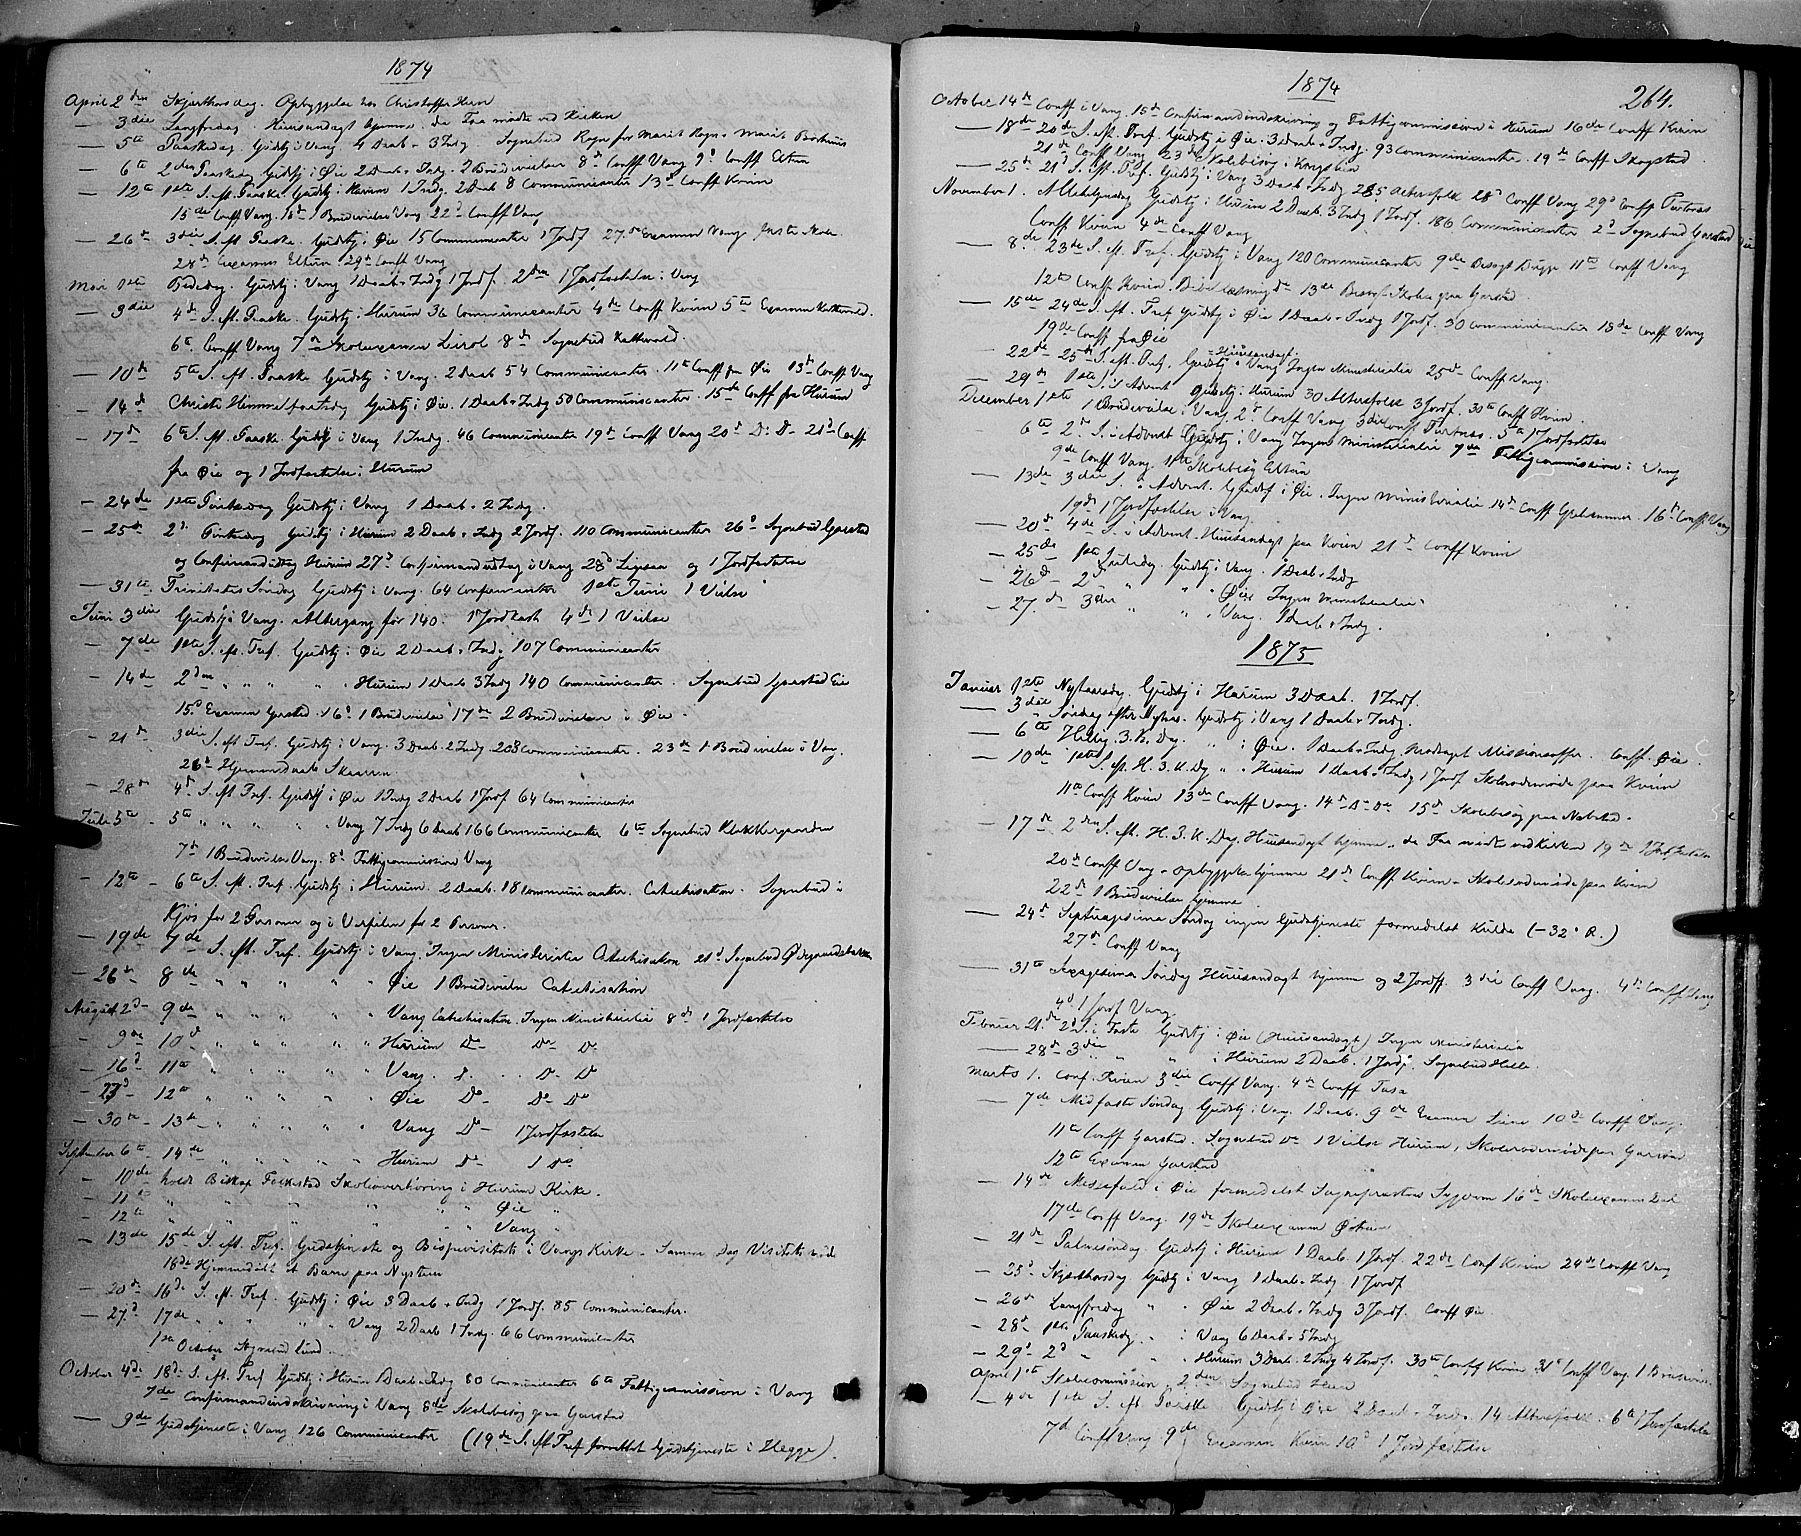 SAH, Vang prestekontor, Valdres, Ministerialbok nr. 7, 1865-1881, s. 264